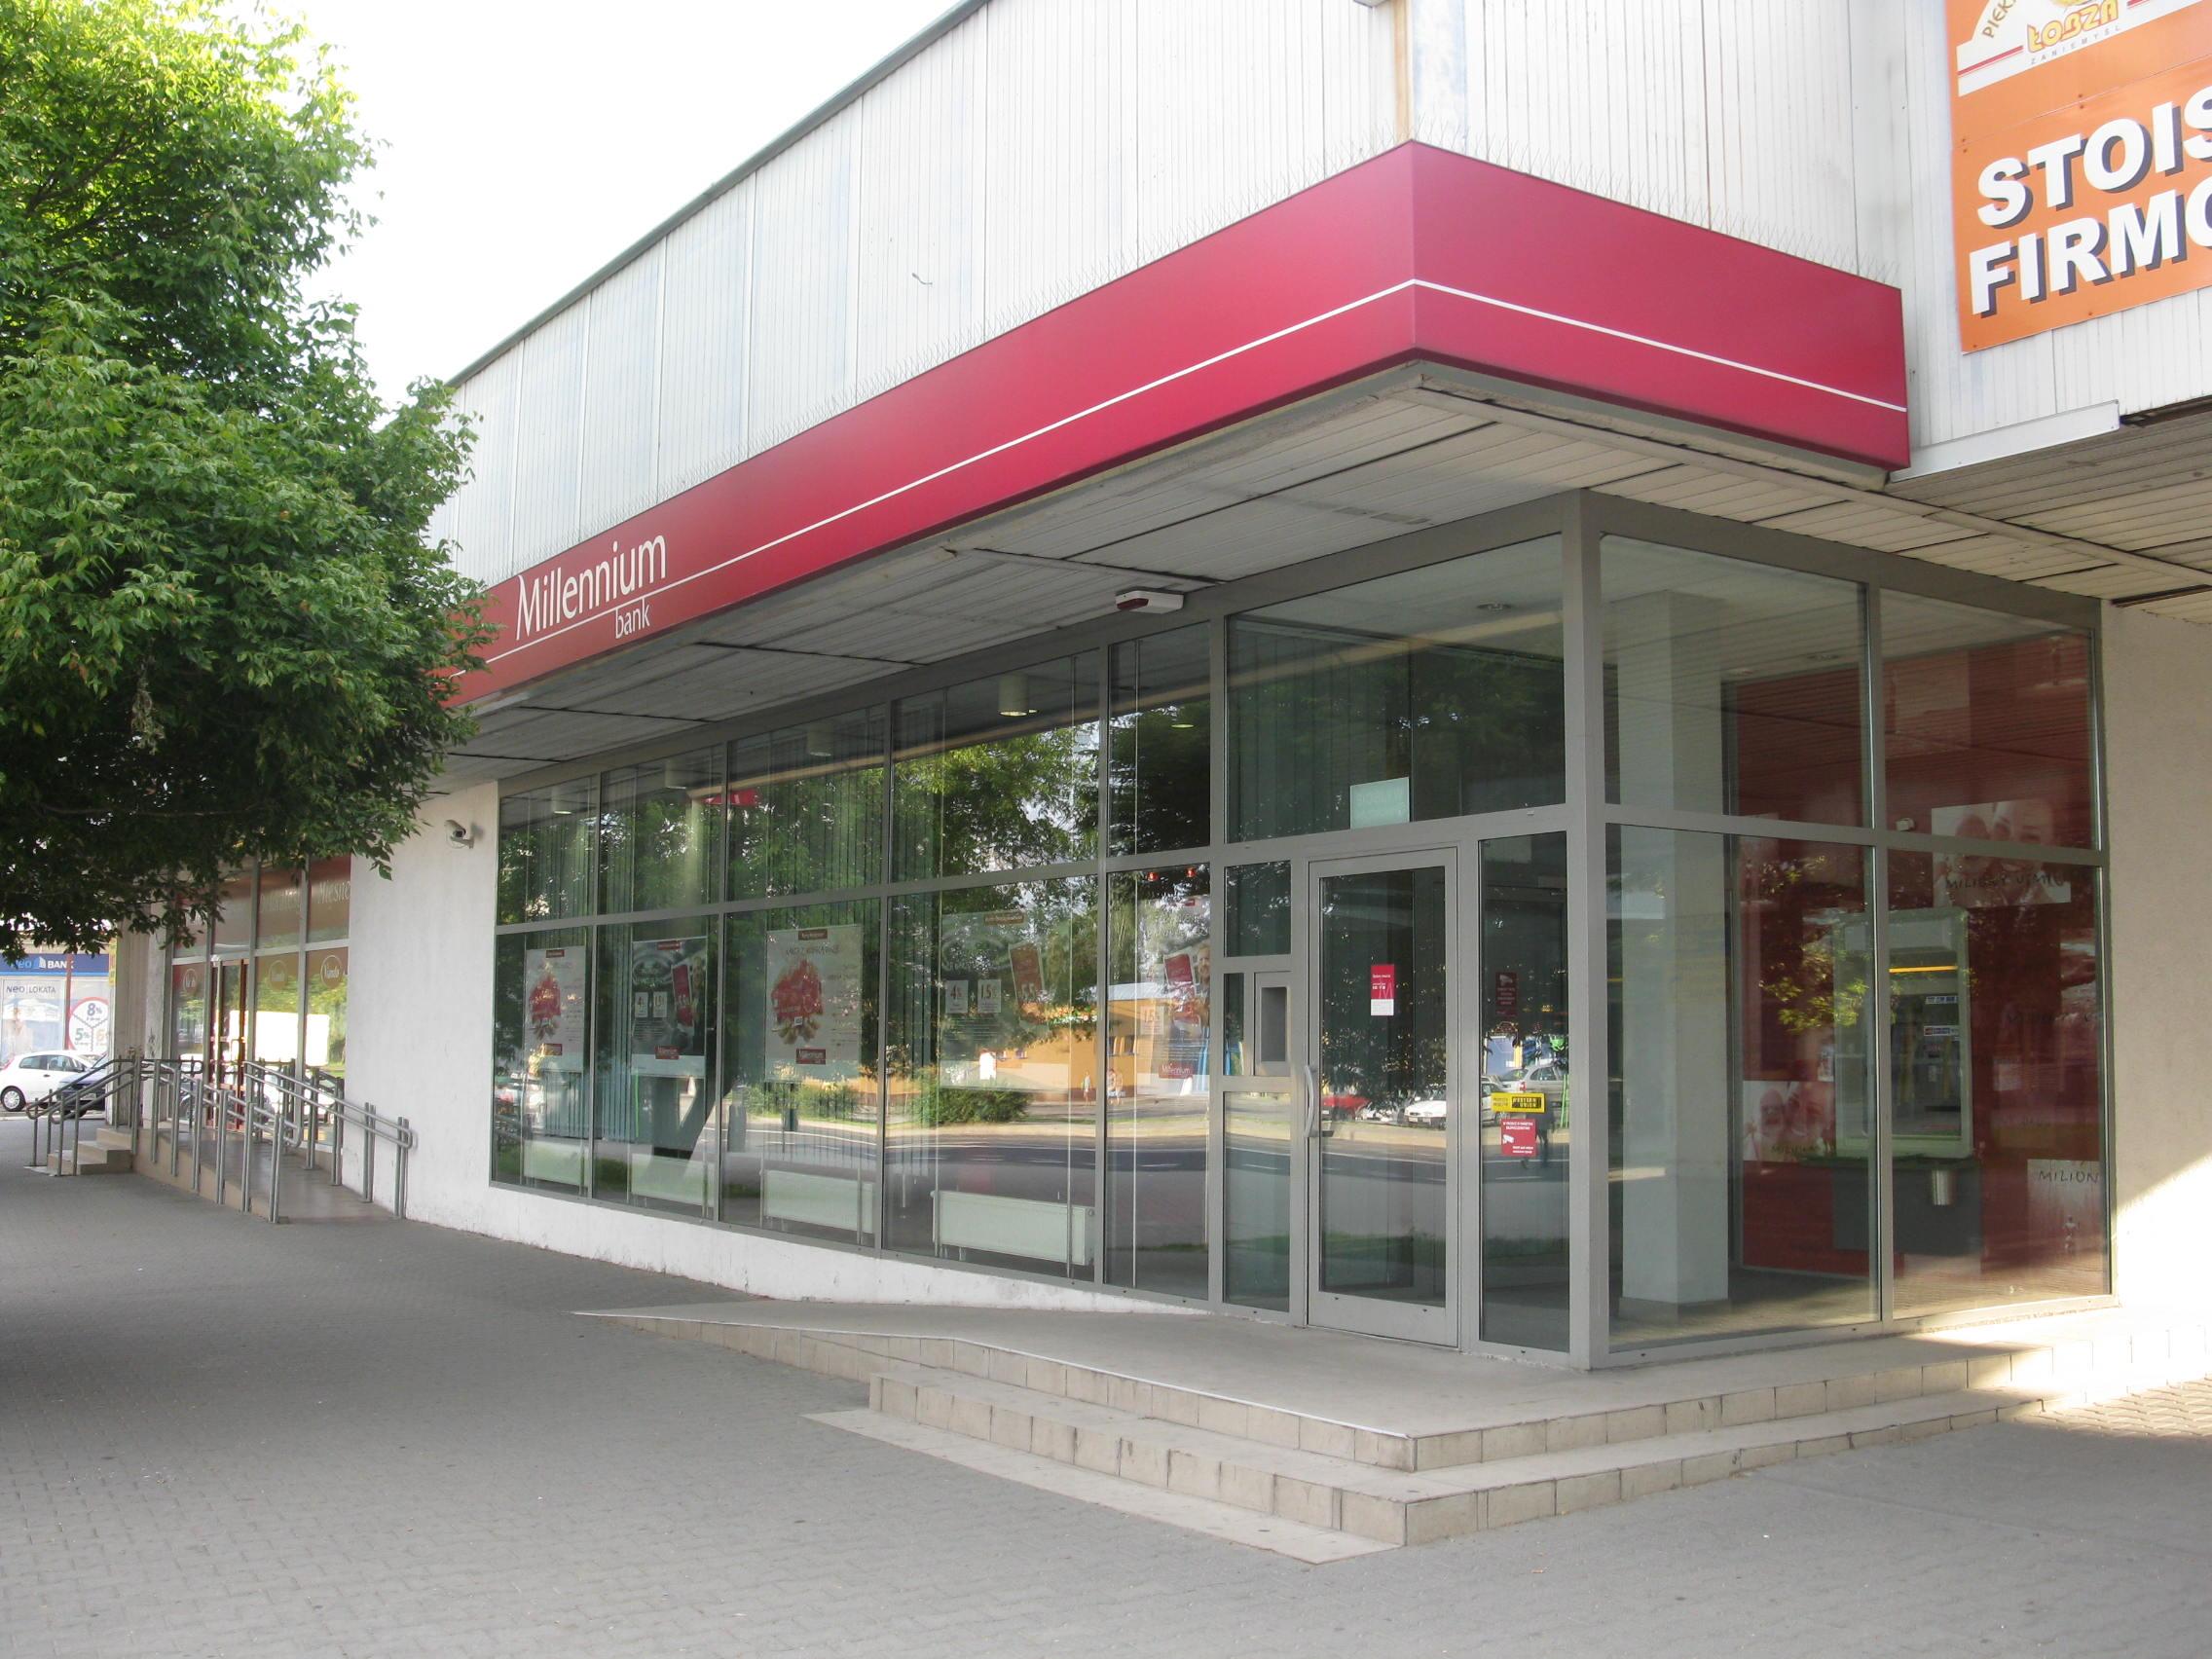 Oddział banku na os. Wichrowe Wzgórze w Poznaniu/Rzuwig, fot. Praca własna/Bank Millennium w Poznaniu na os. Wichrowe Wzgórze/CC BY 3.0/Wikimedia Commons/